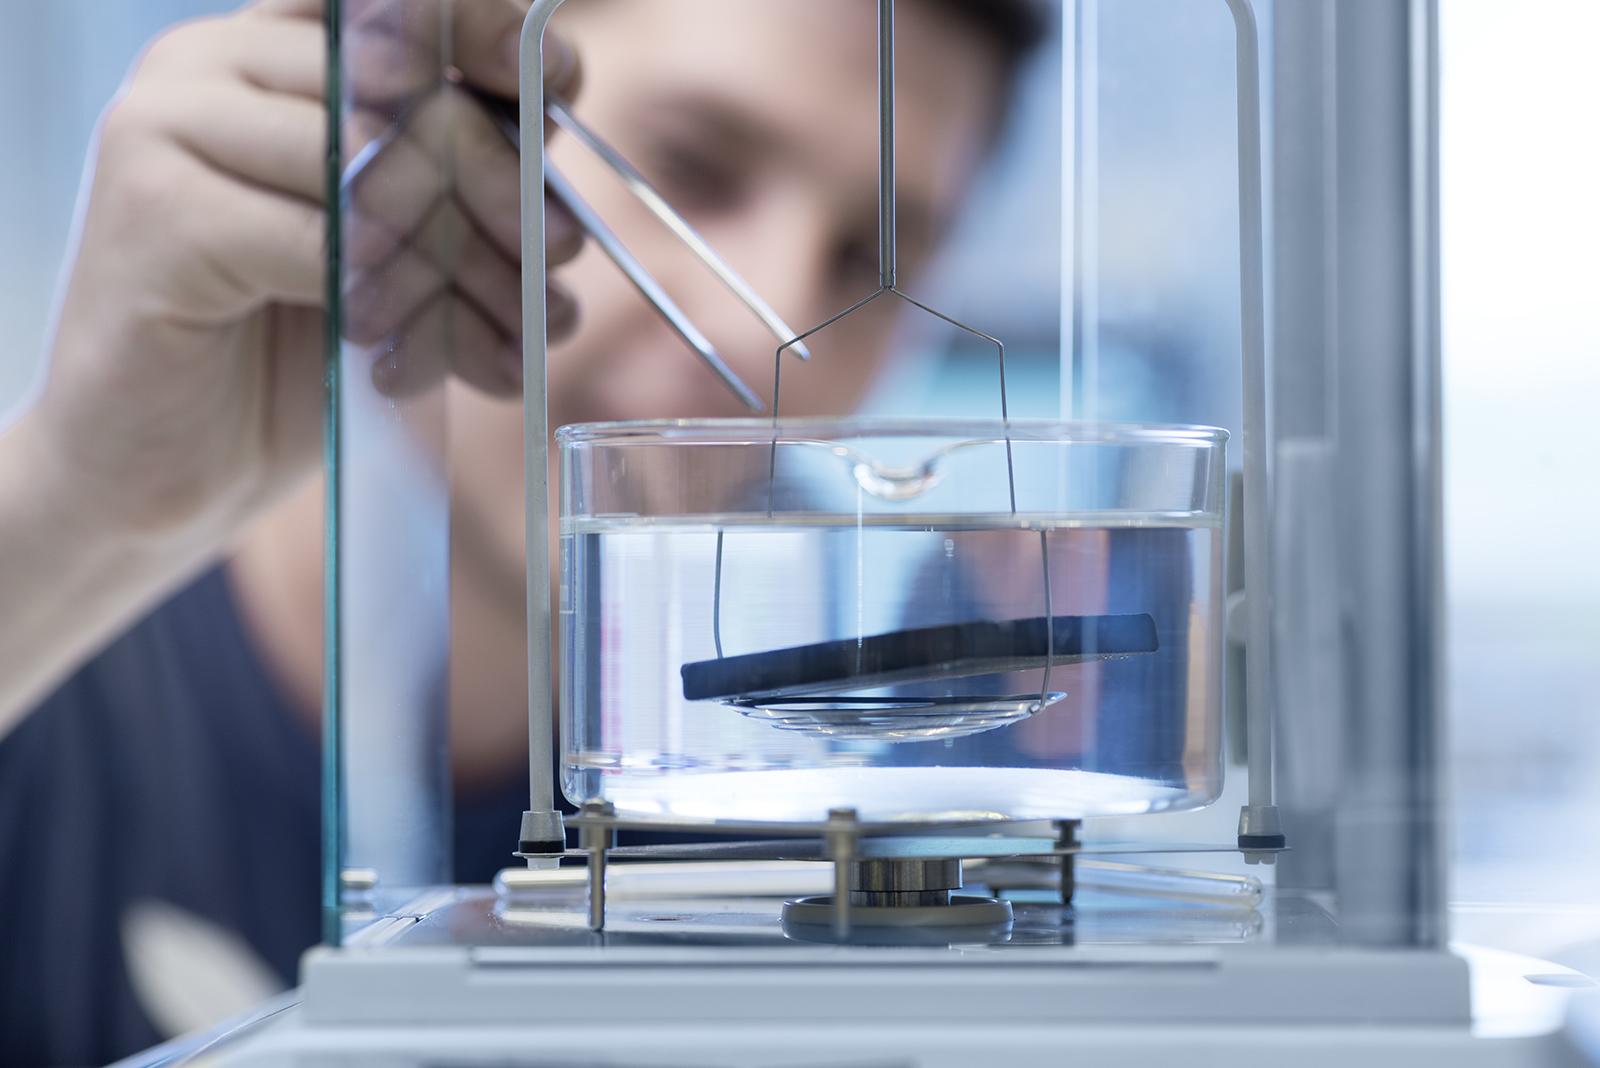 Nahaufnahme Mitarbeiter in Labor bei Werkstoffprüfung. Feigefotodesign